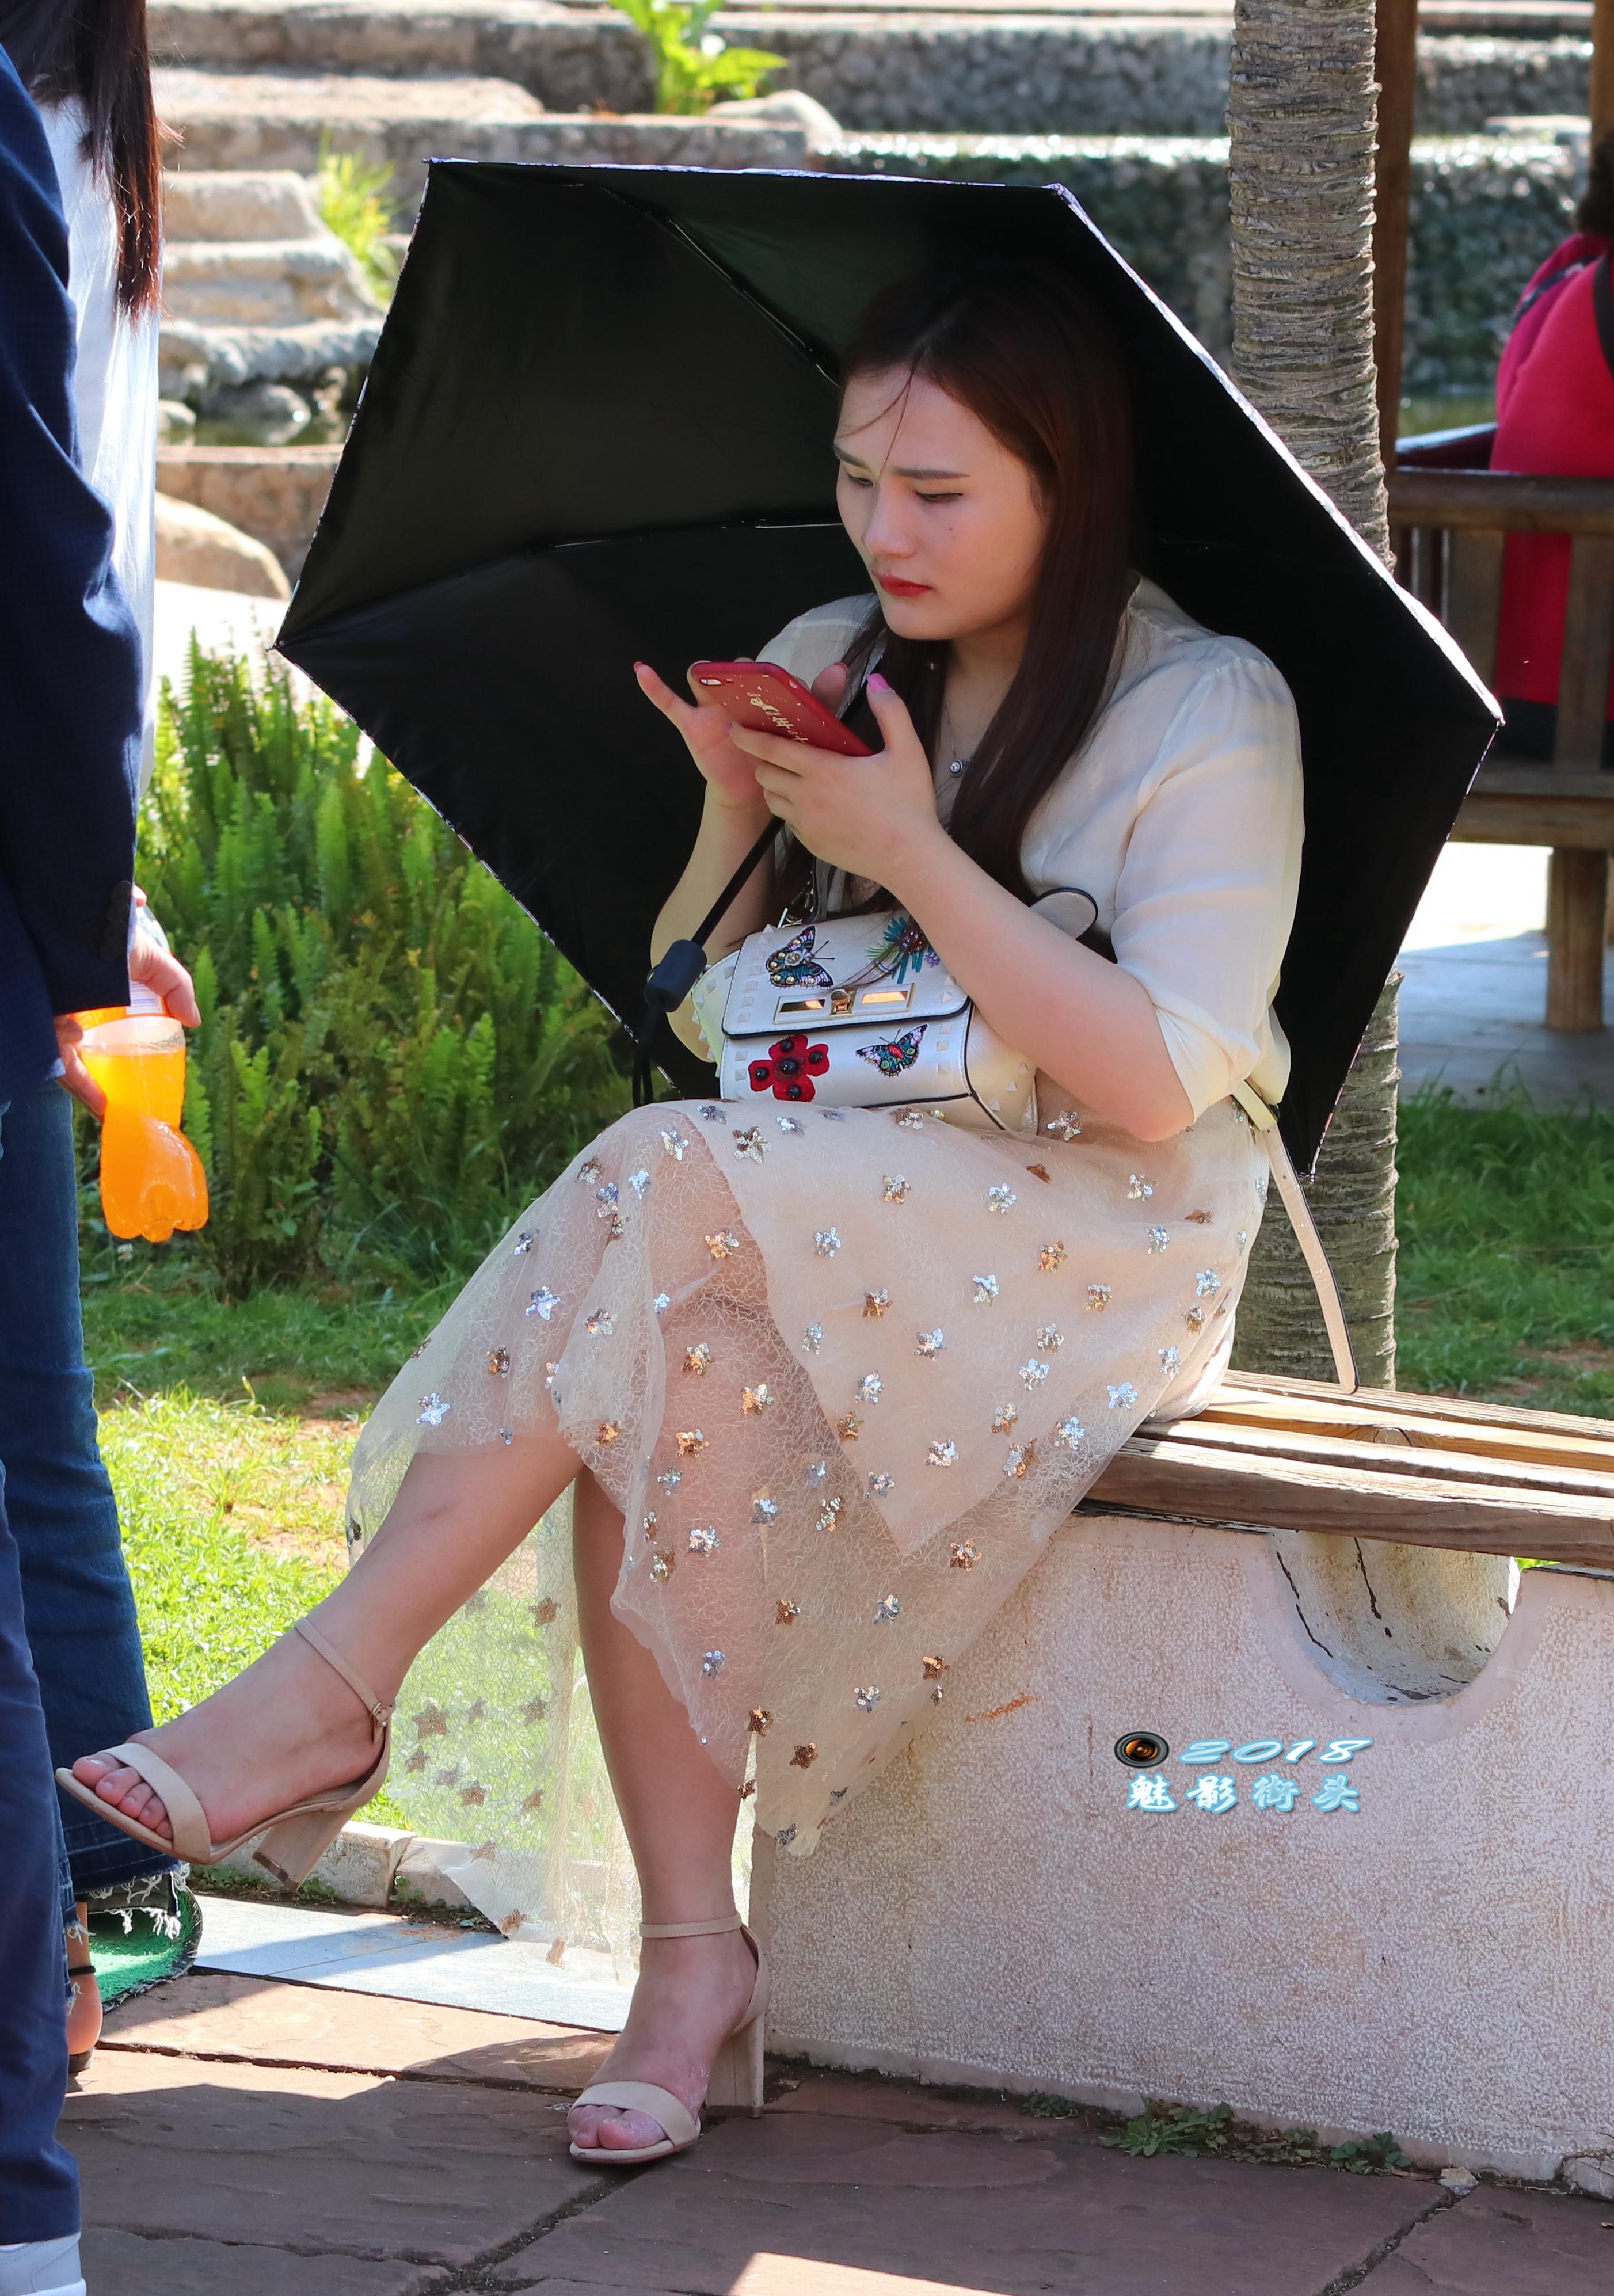 美女被插删除删除_坐在椅子上休息的美女翘着二郎腿,薄纱裙下的美腿非常